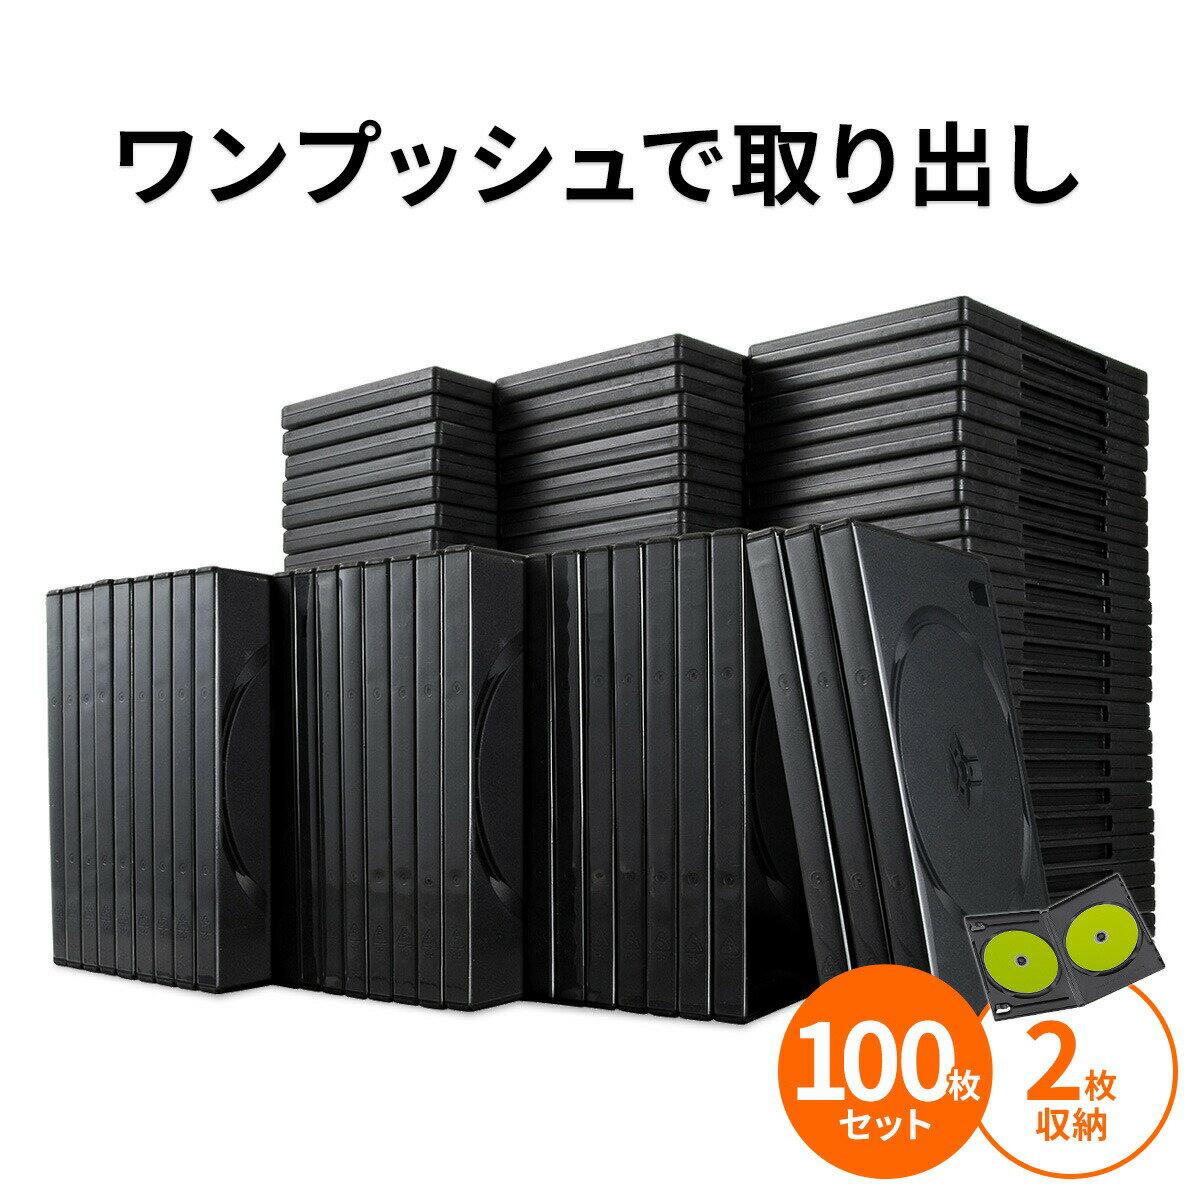 DVDケース トールケース 2枚収納×100枚セット 収納ケース メディアケース [200-FCD033-100]【サンワダイレクト限定品】【送料無料】